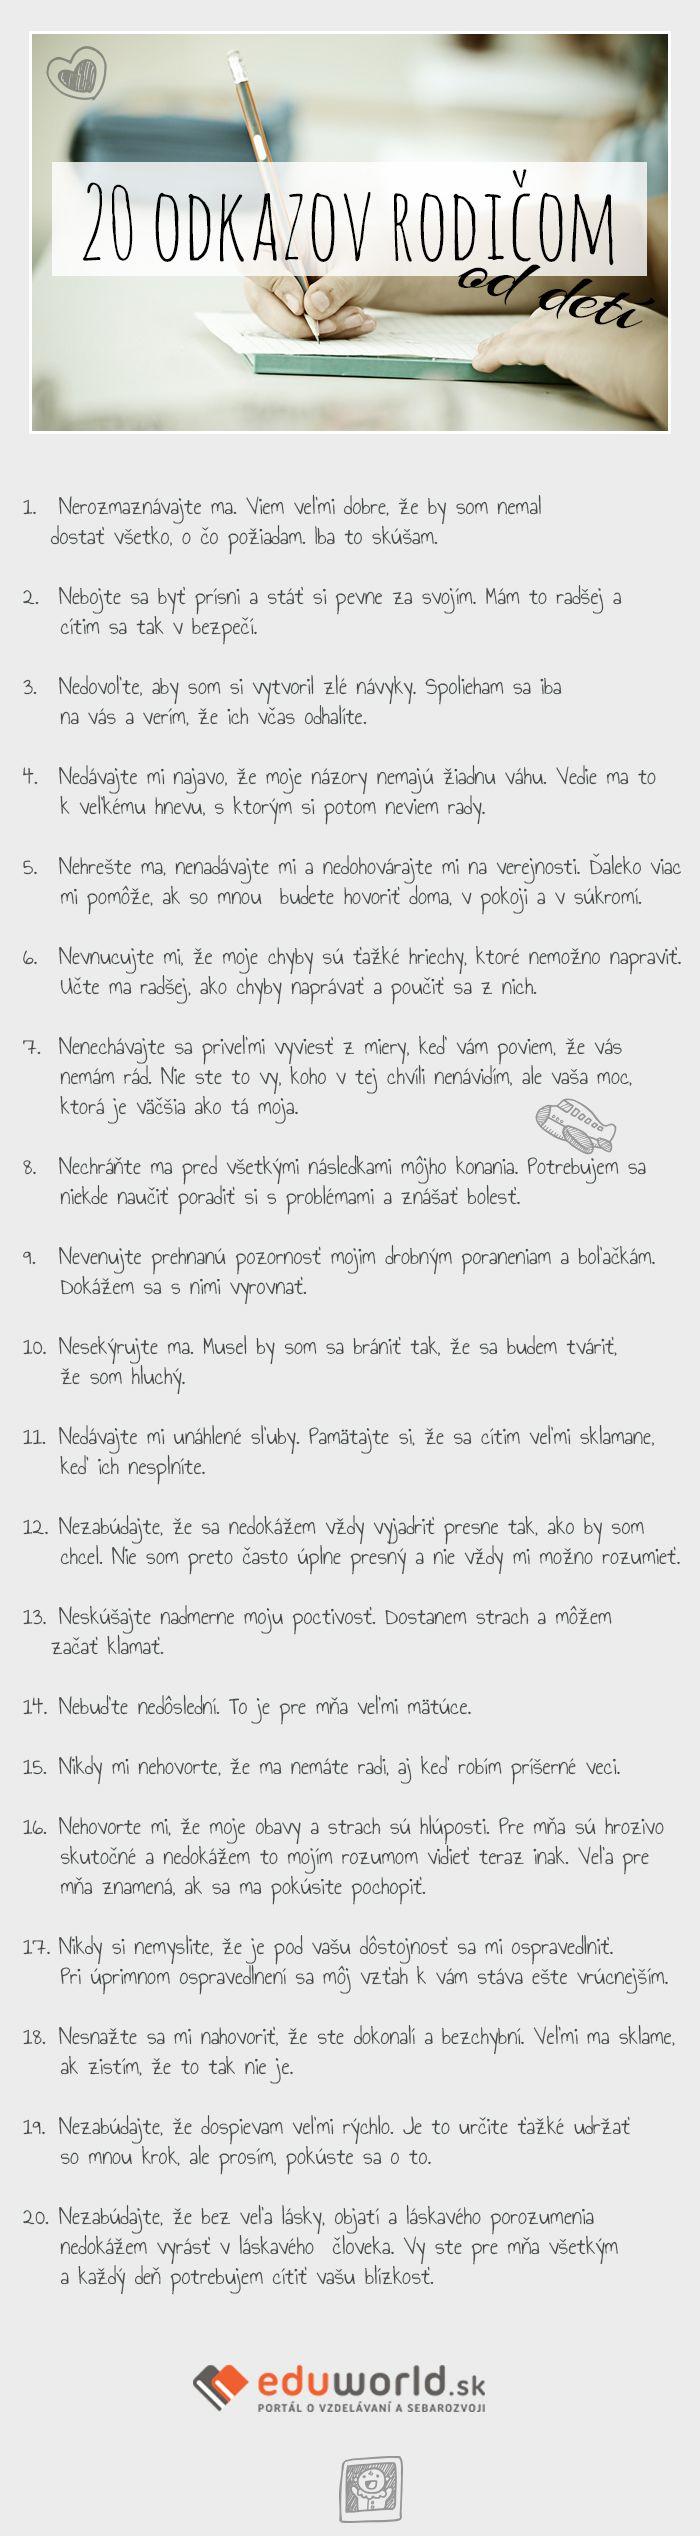 20 odkazov rodičom od detí